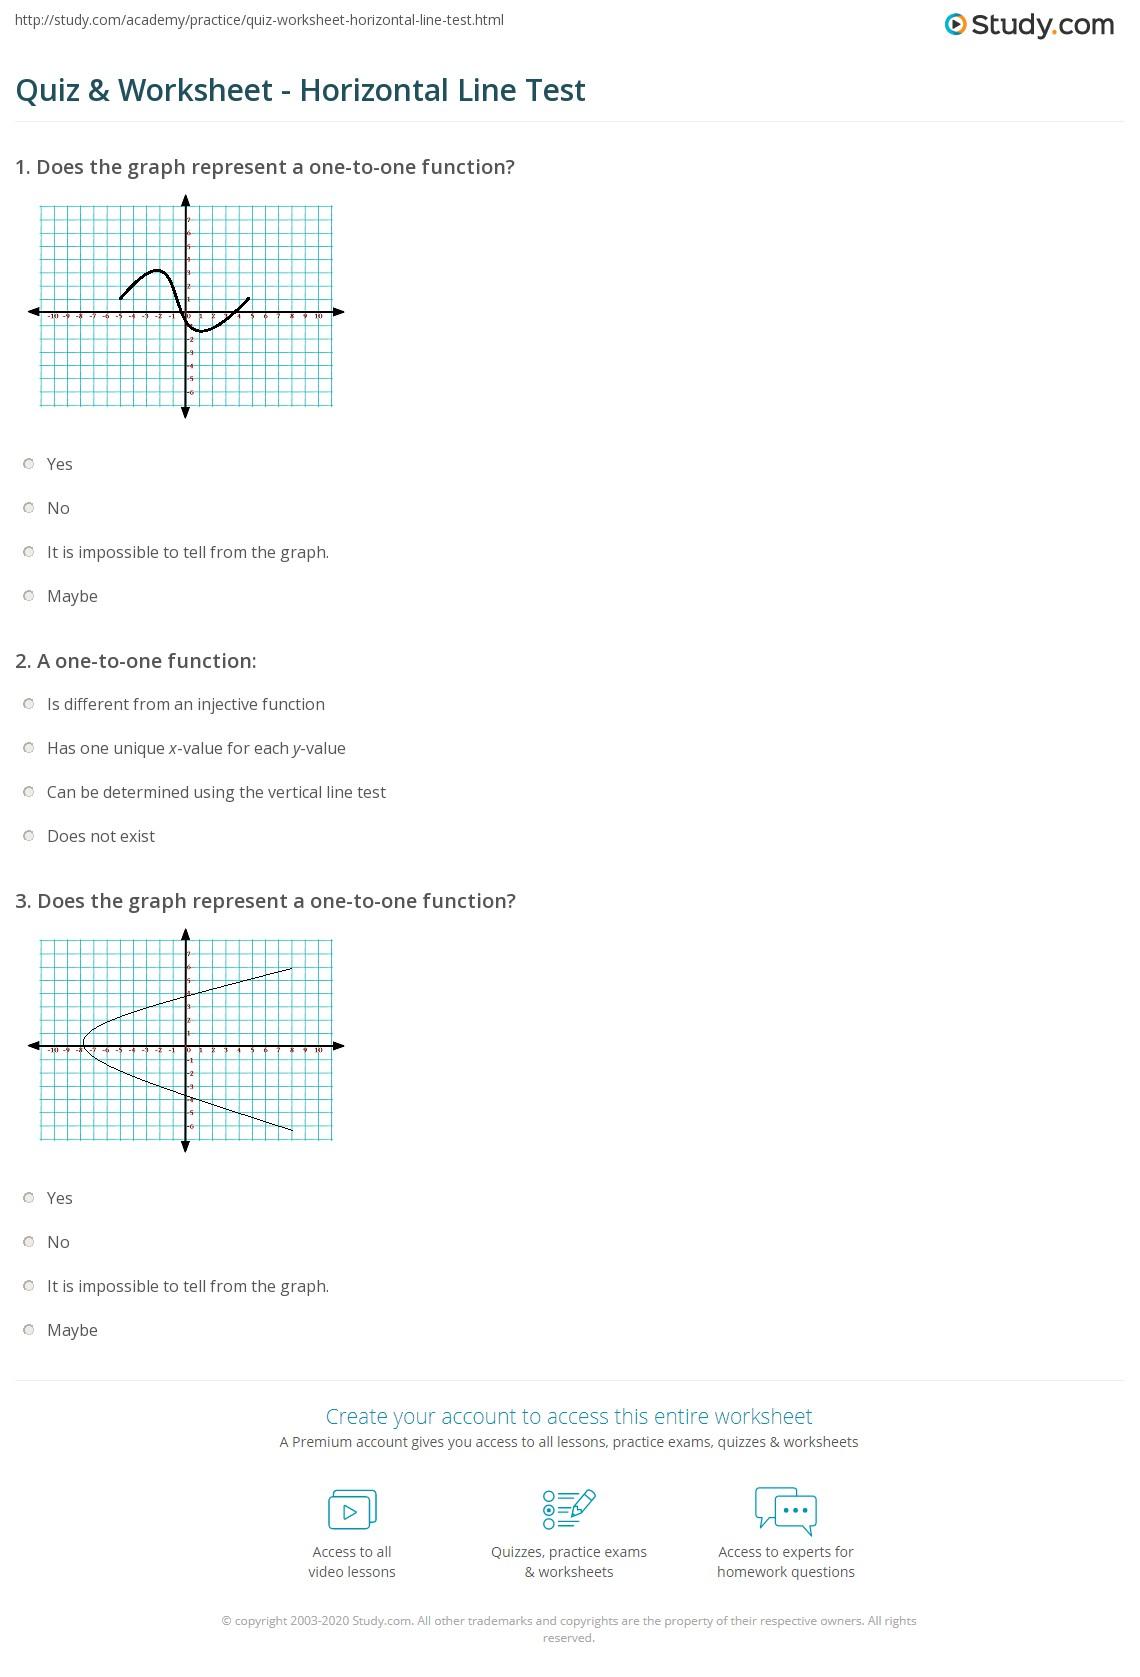 Quiz & Worksheet - Horizontal Line Test  Study.com Intended For Vertical Line Test Worksheet